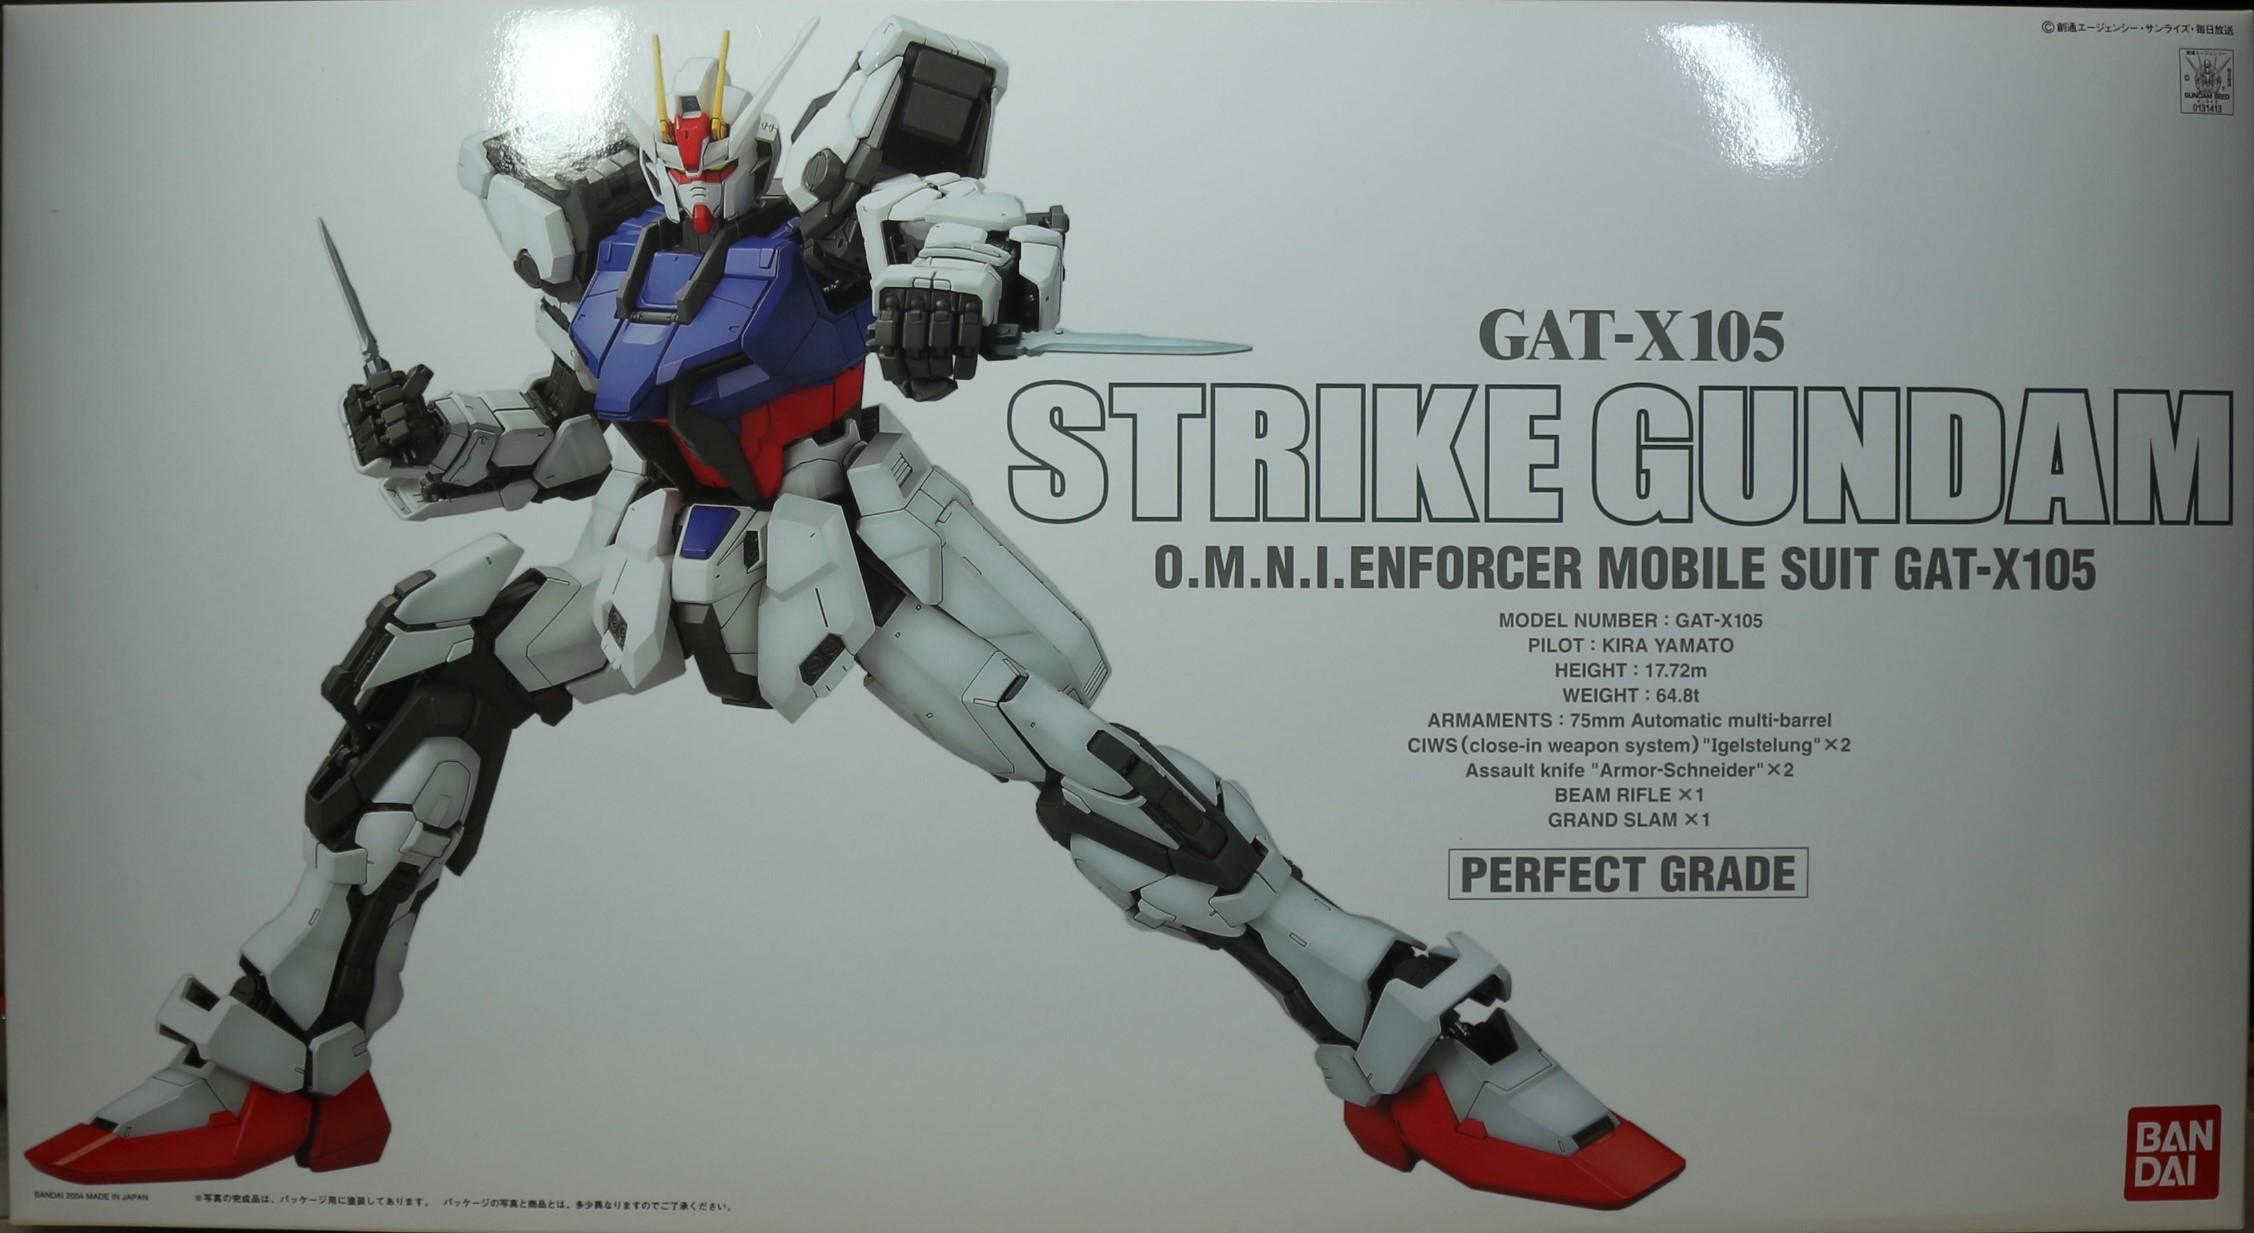 PG-STRIKE_GUNDAM-01.jpg